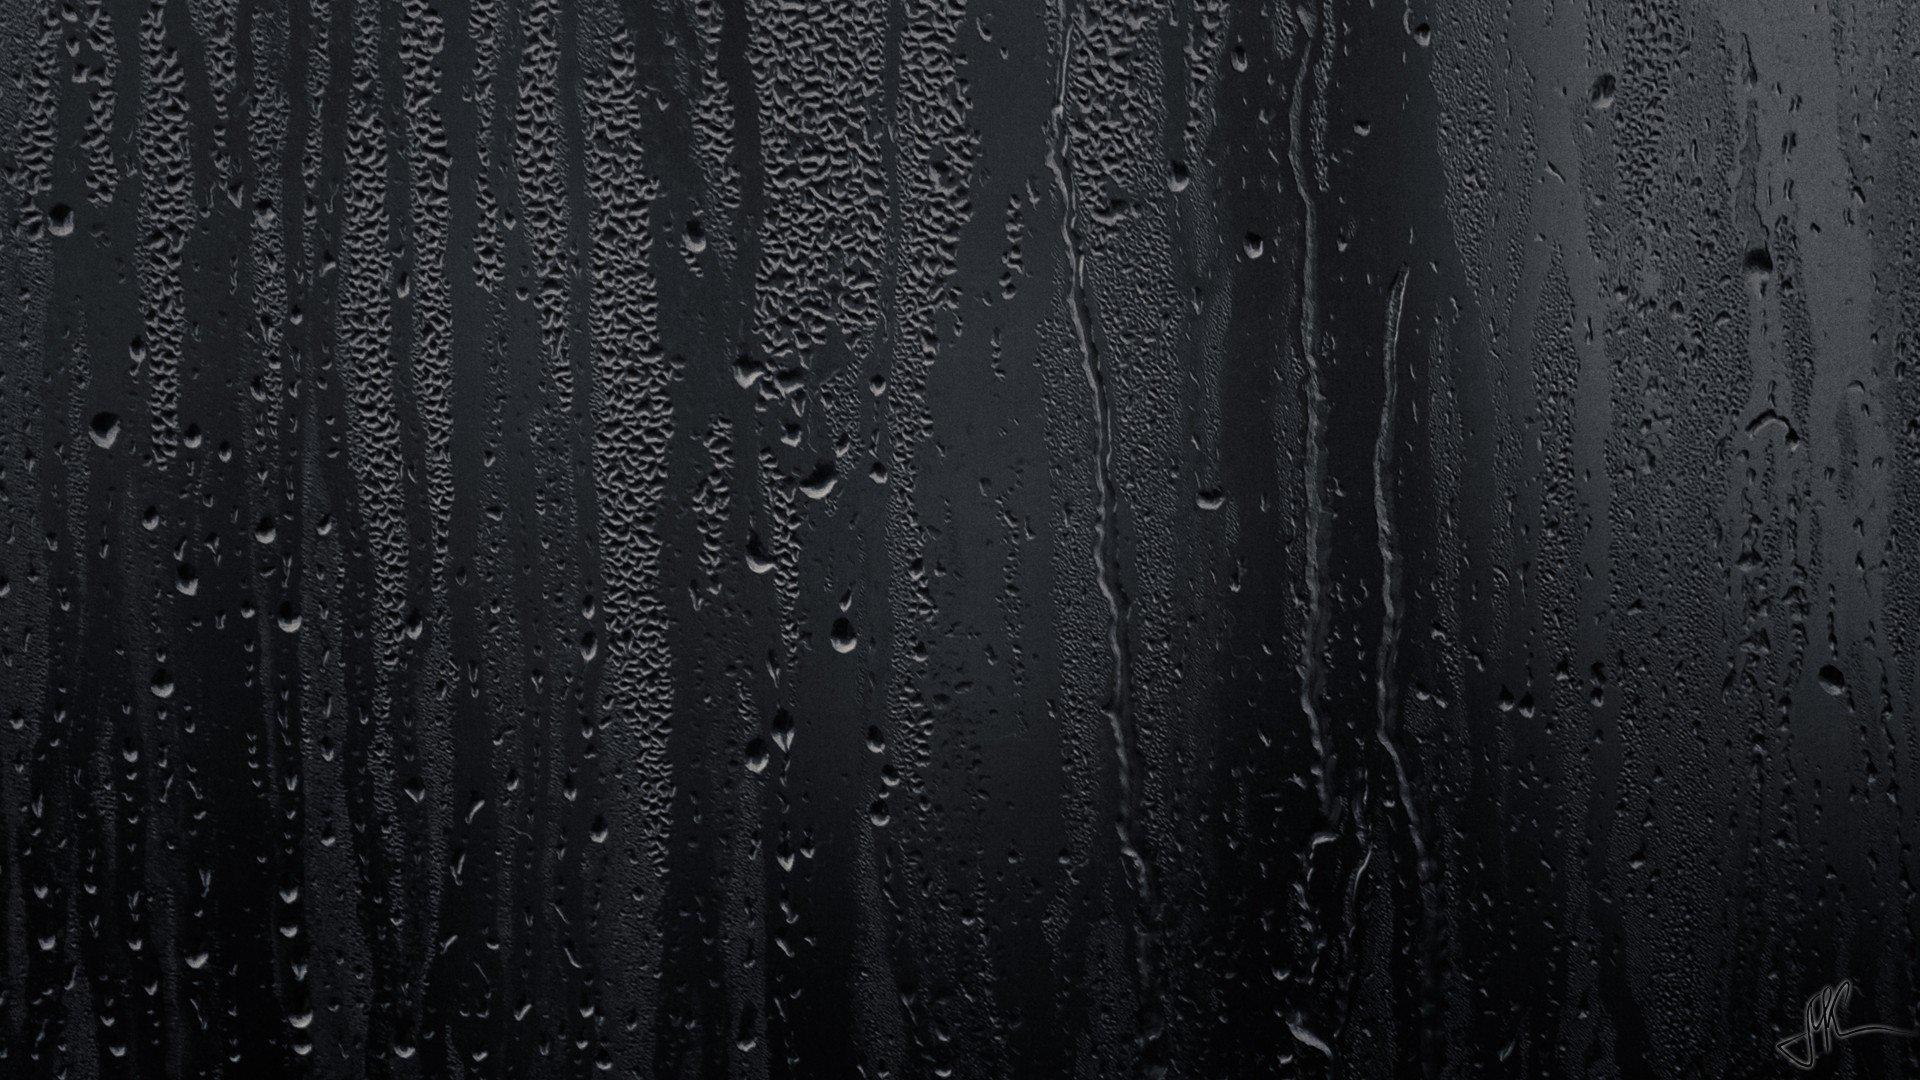 Rain Window Sill Water Drops Bokeh Window Water On Glass Hd